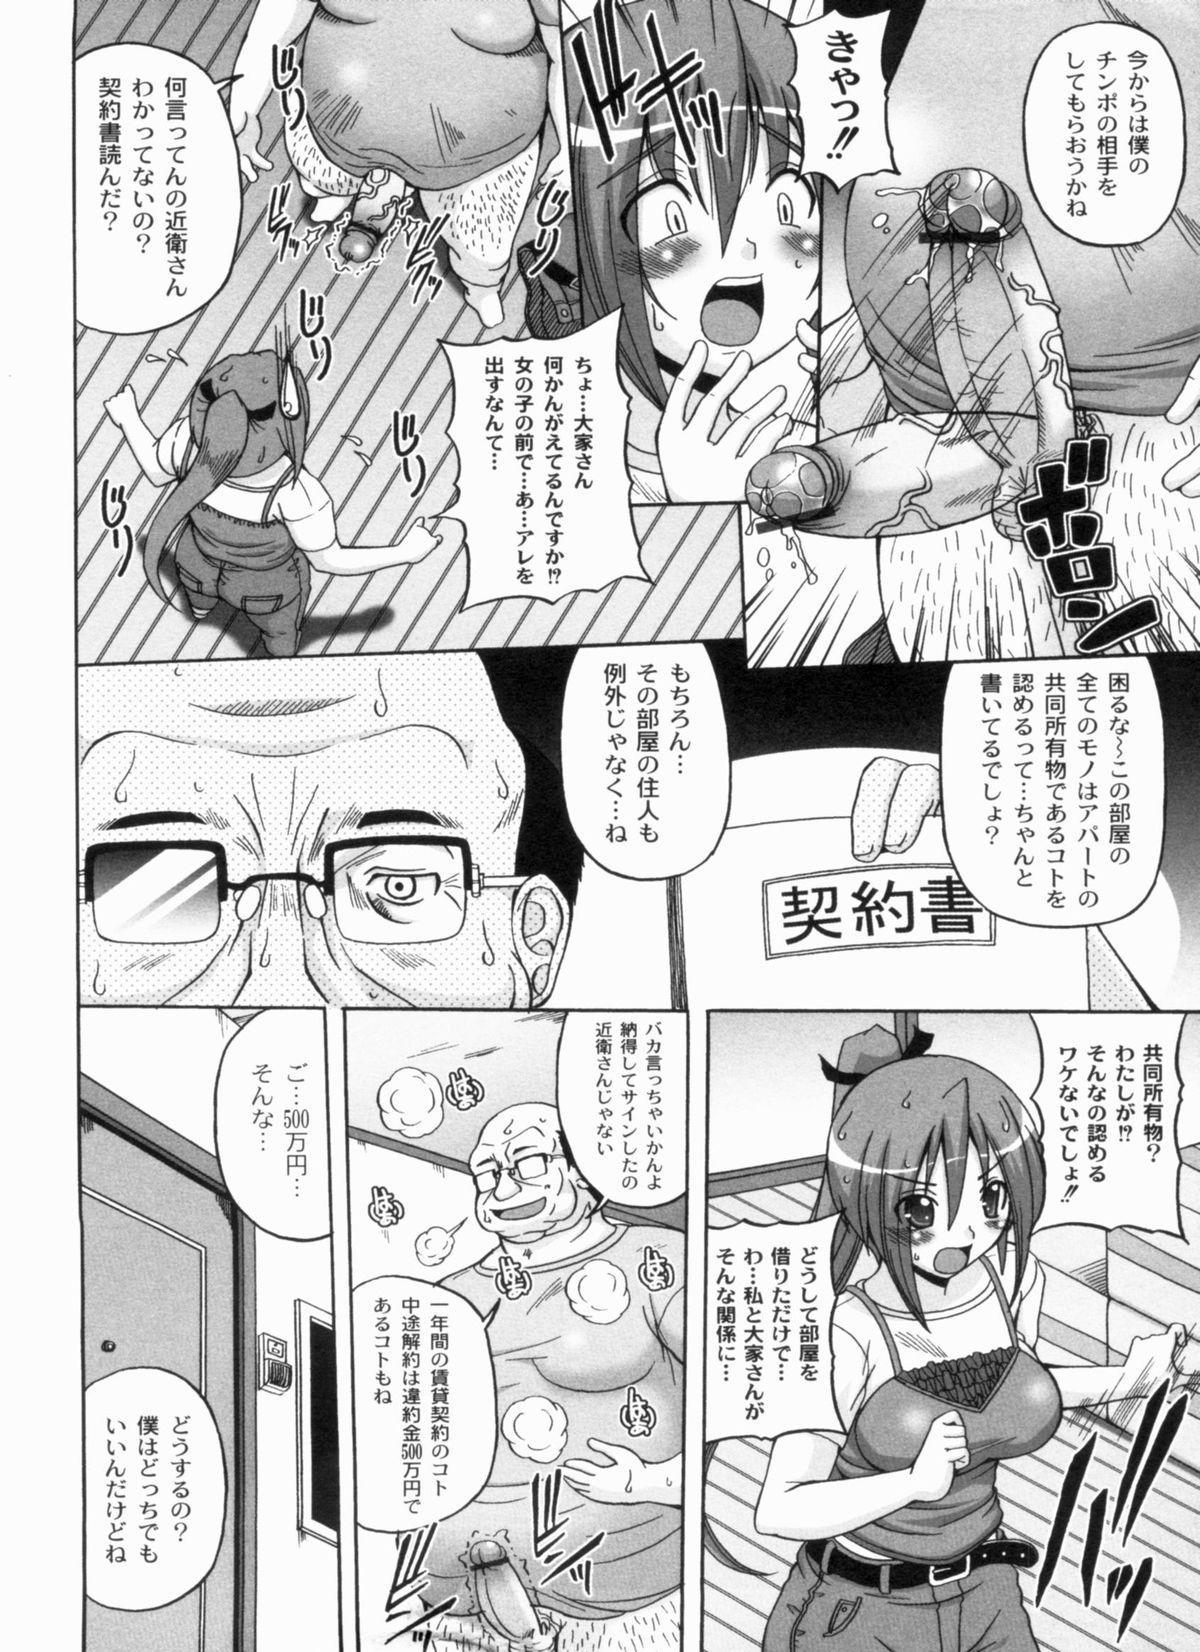 Ayaka no Kyouyuu Seikatsu 11